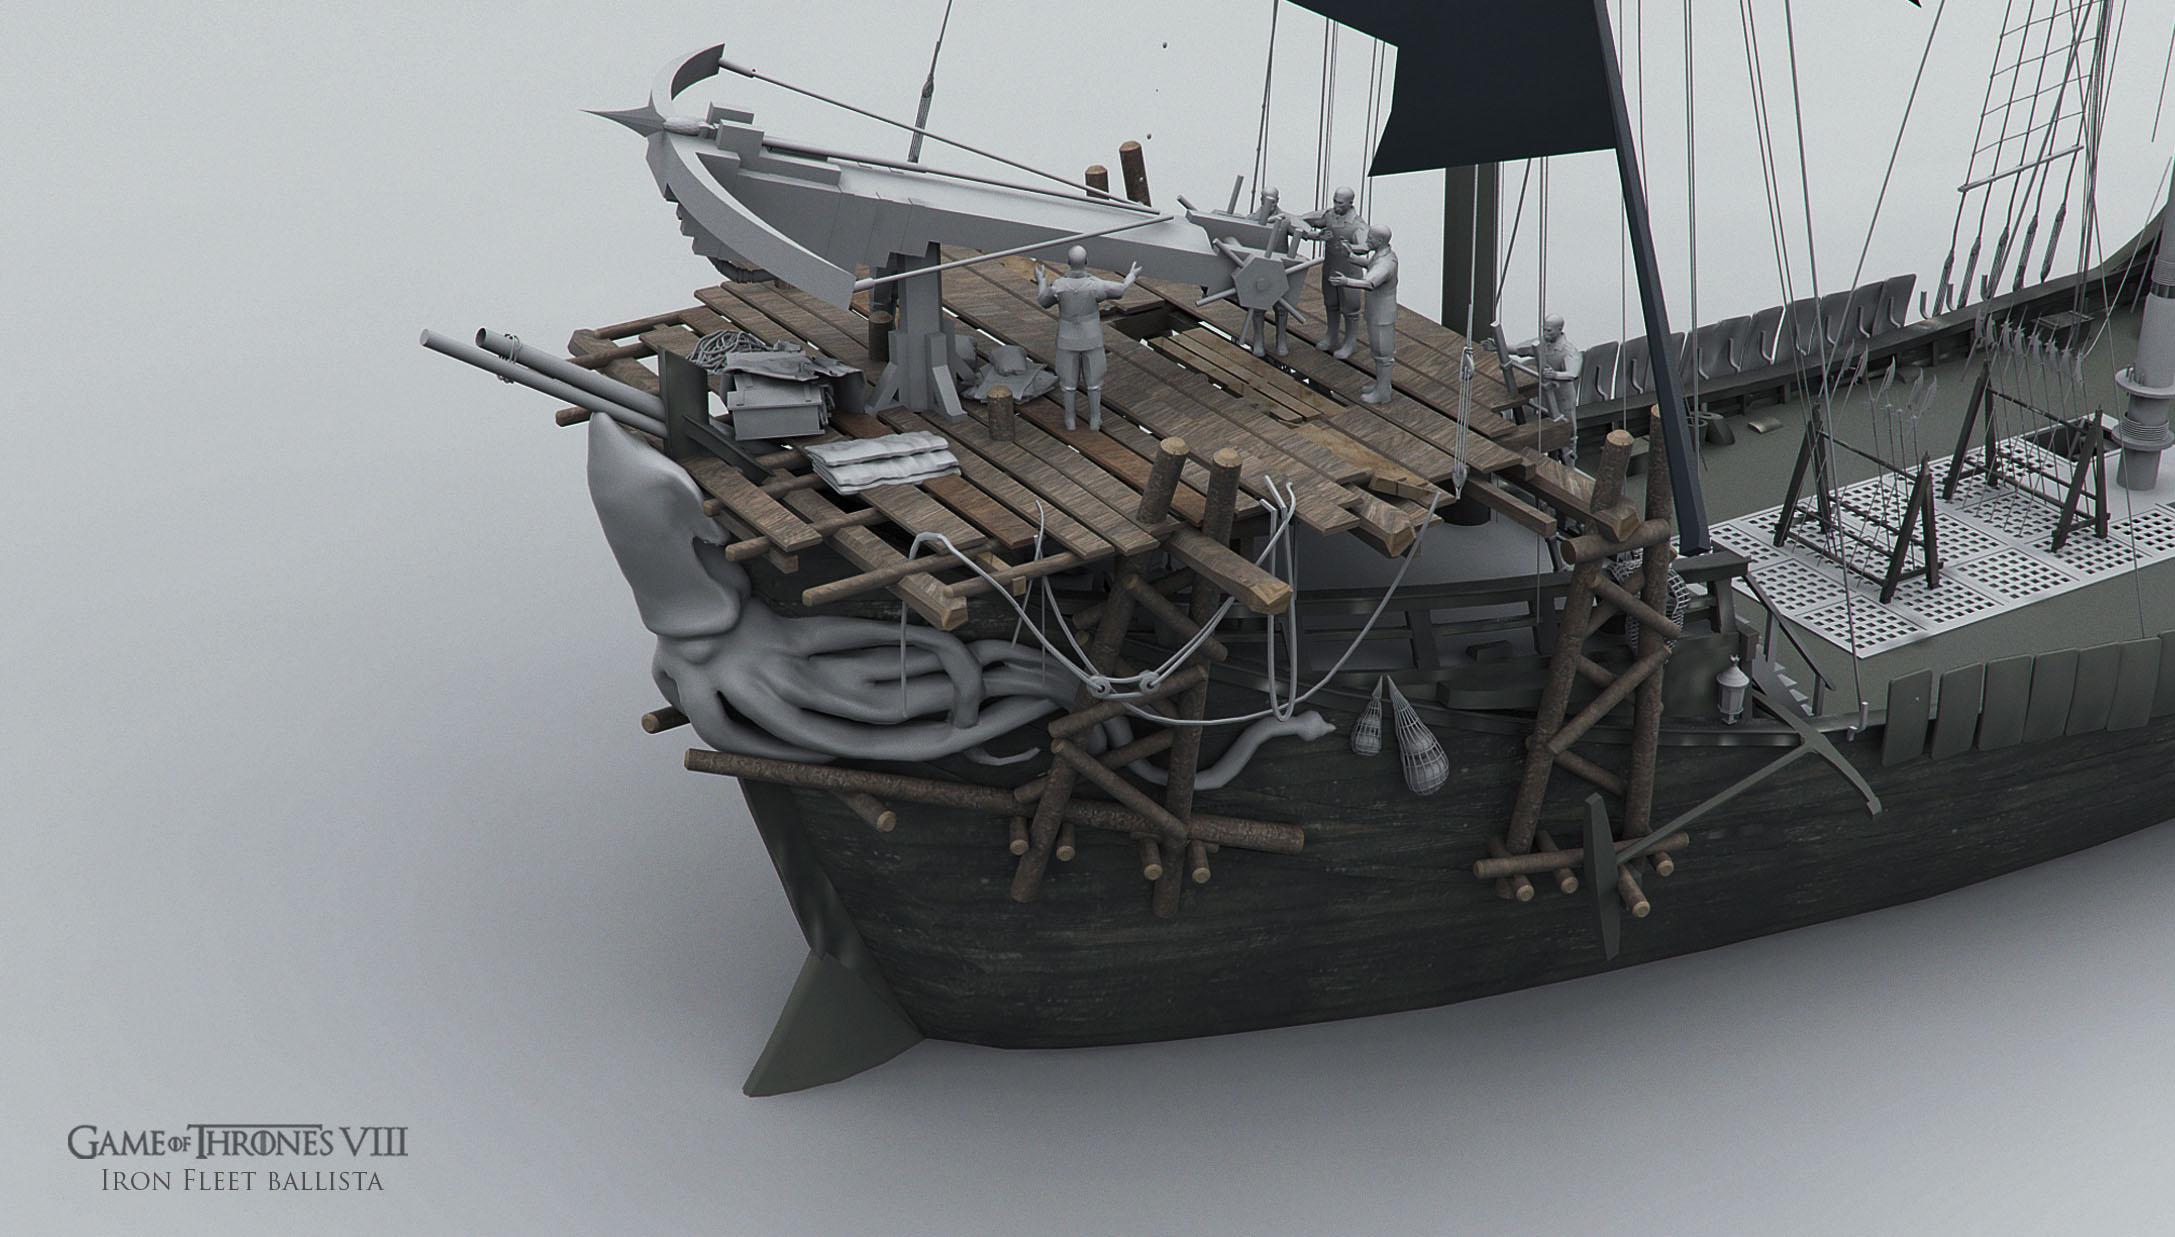 GOT8_Iron Fleet_Ballista_002.JPG